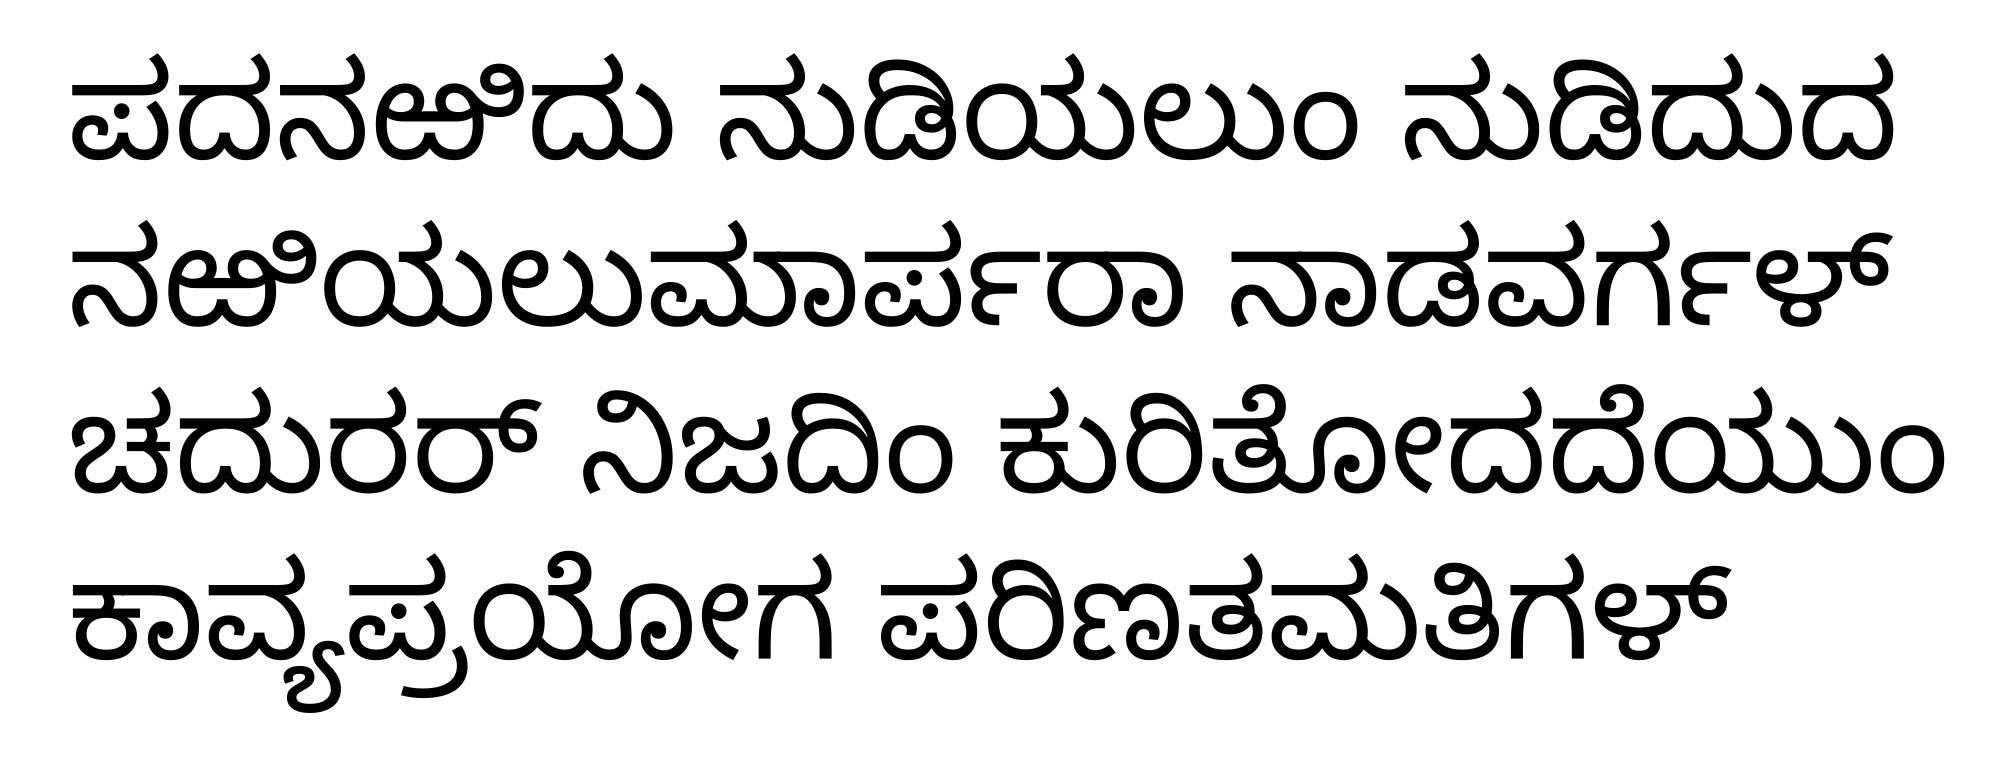 Search Results For Kannada Friends Kavana Calendar